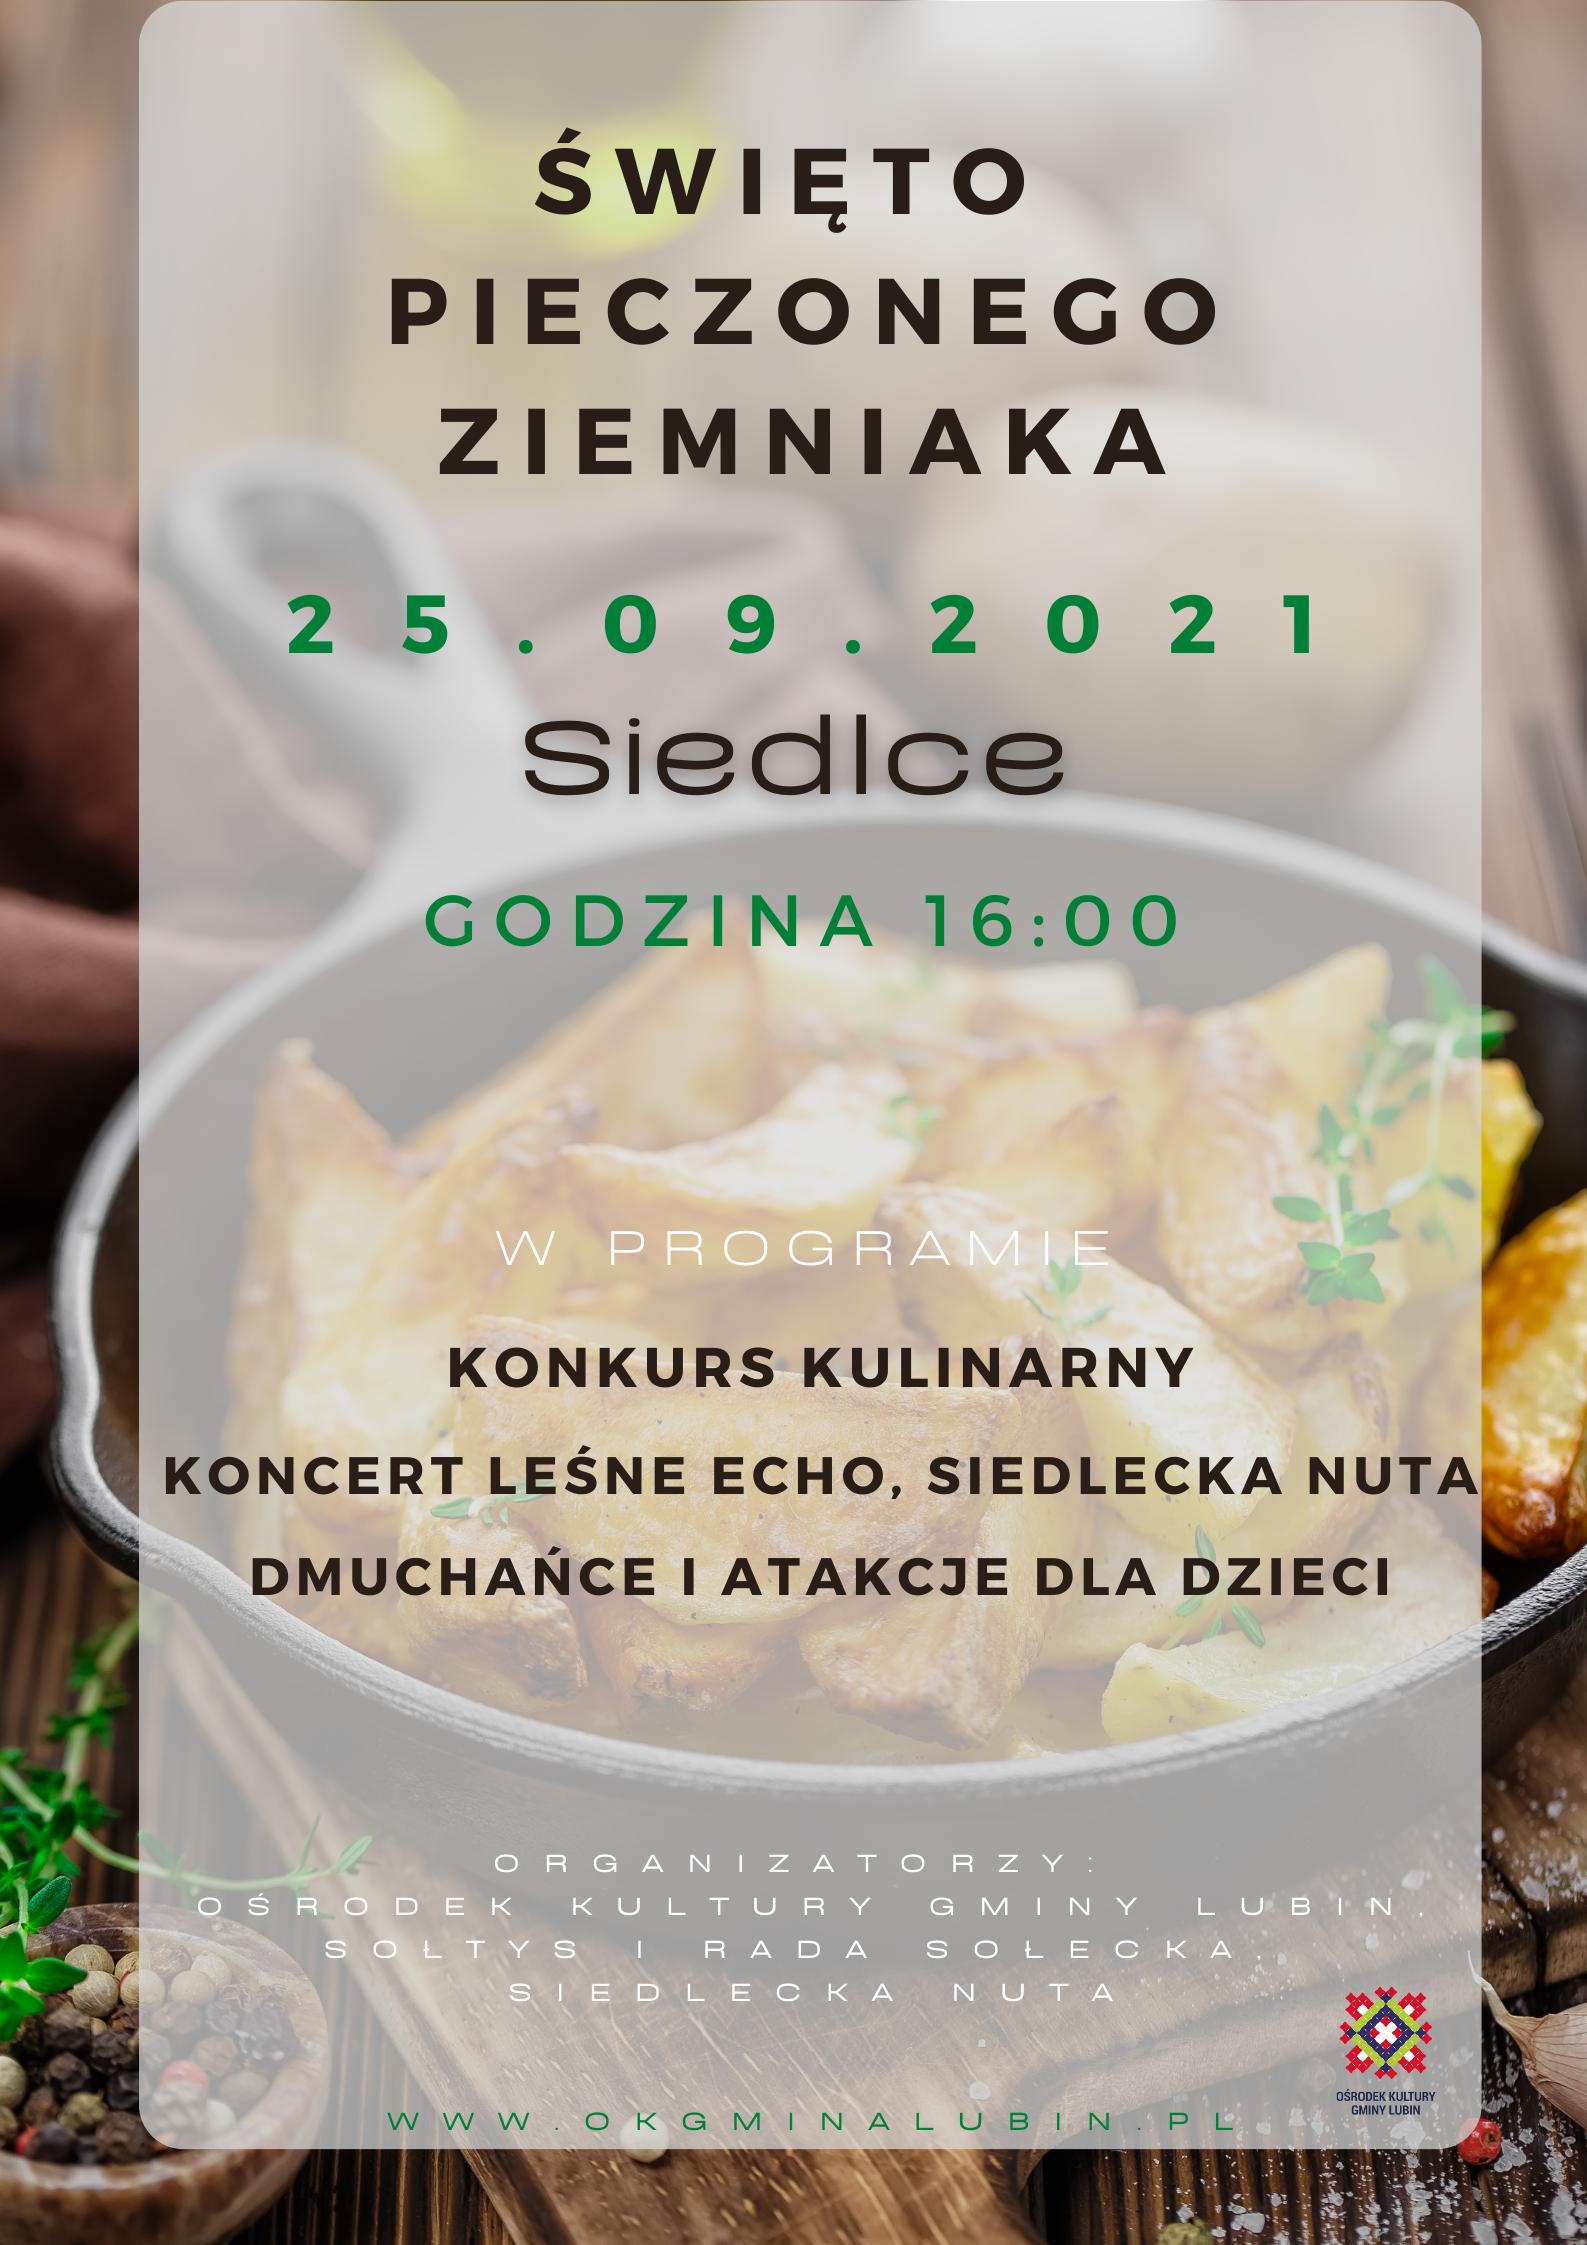 Święto Pieczonego ziemniaka w siedlcach impreza kulinarna 25.09.2021